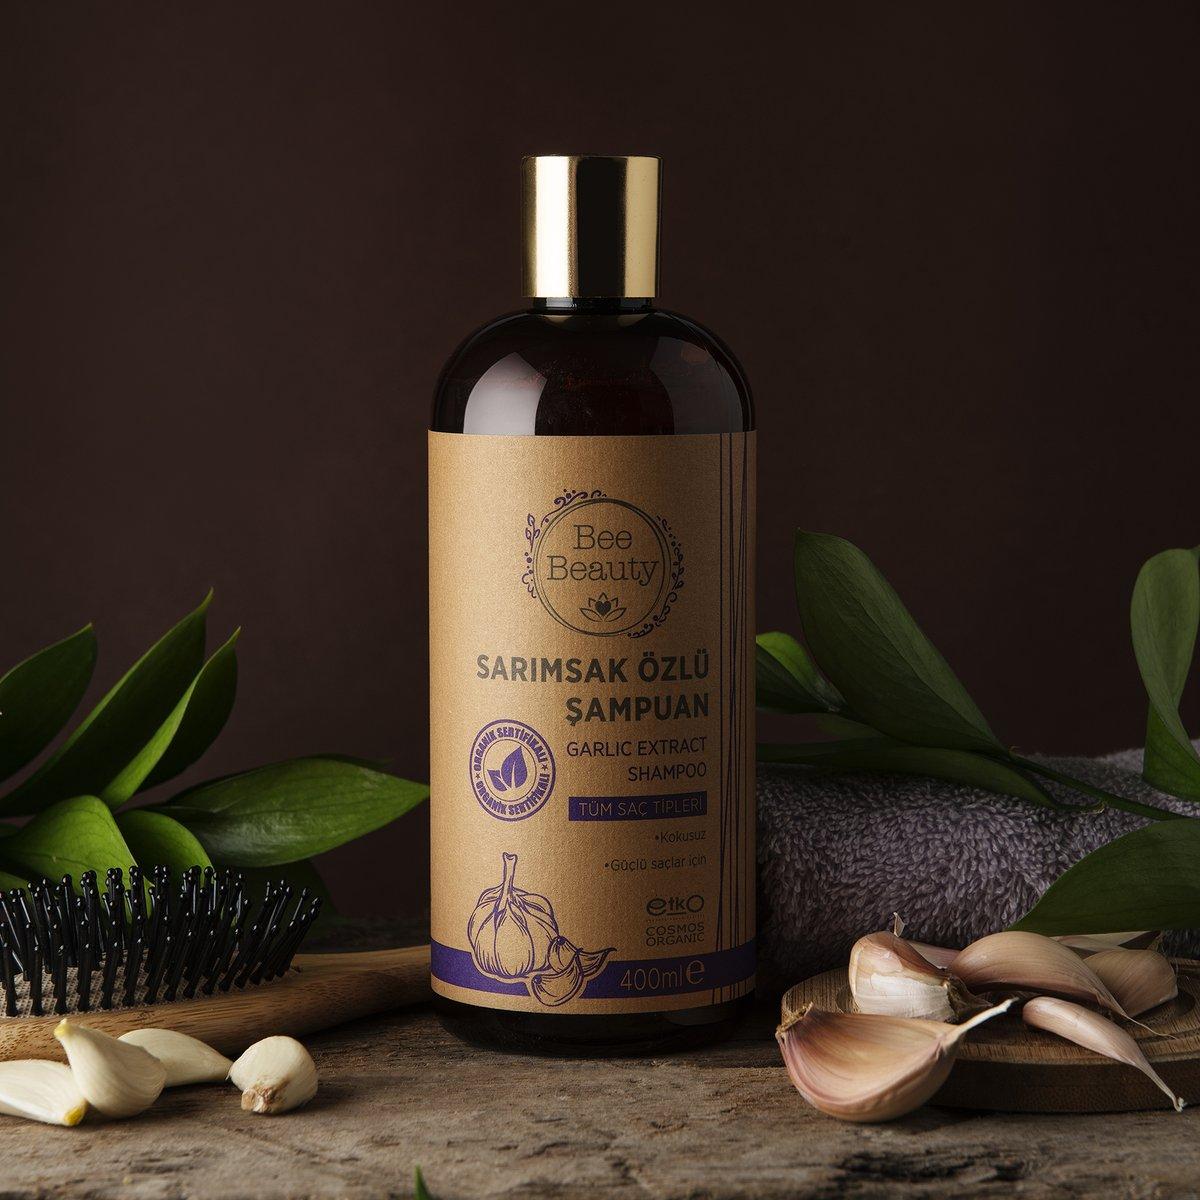 Daha güçlü ve daha çabuk uzayan saçlara kavuşmanıza yardımcı olan, Paraben ve GDO içermeyen Bee Beauty Sarımsak Özlü Organik Şampuan 25 TL'ye mağazalarımızda ve http://gratis.com'da sizleri bekliyor💜